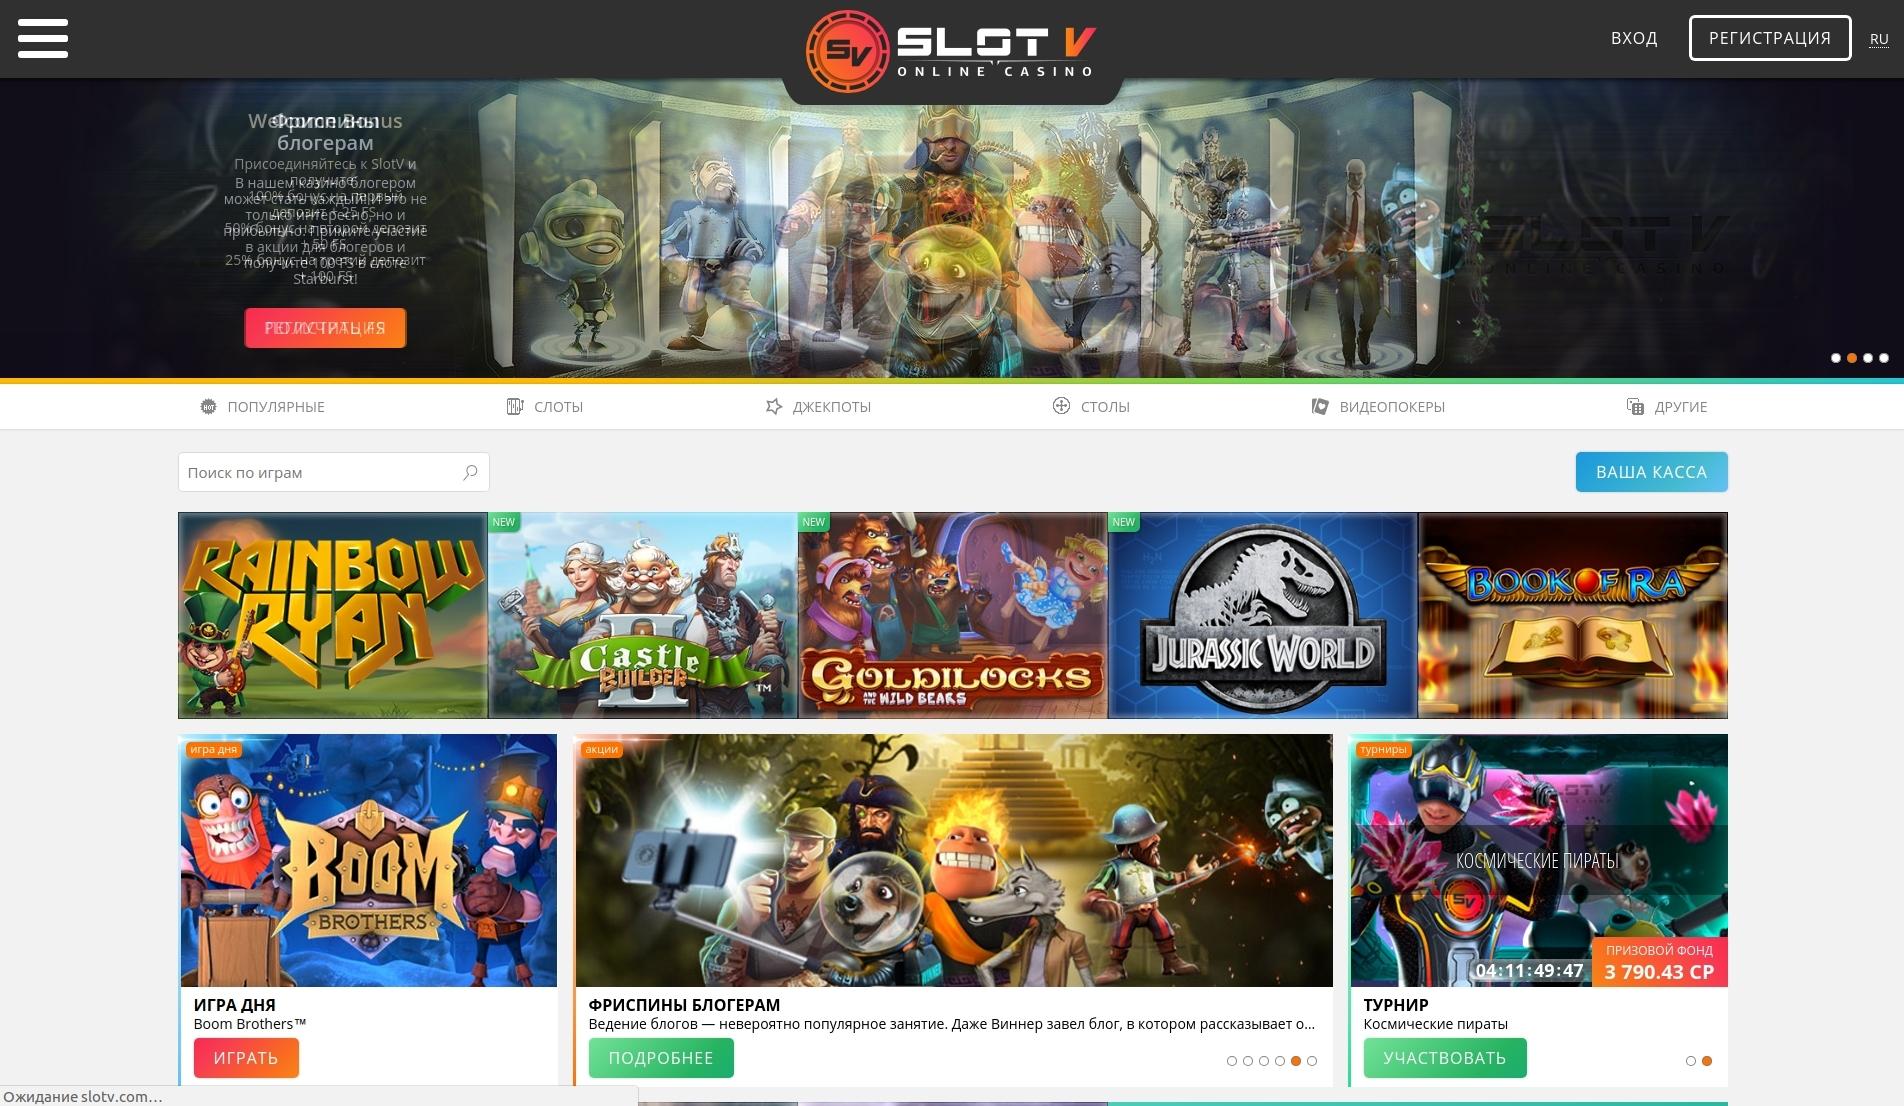 казино slot v официальный сайт вход